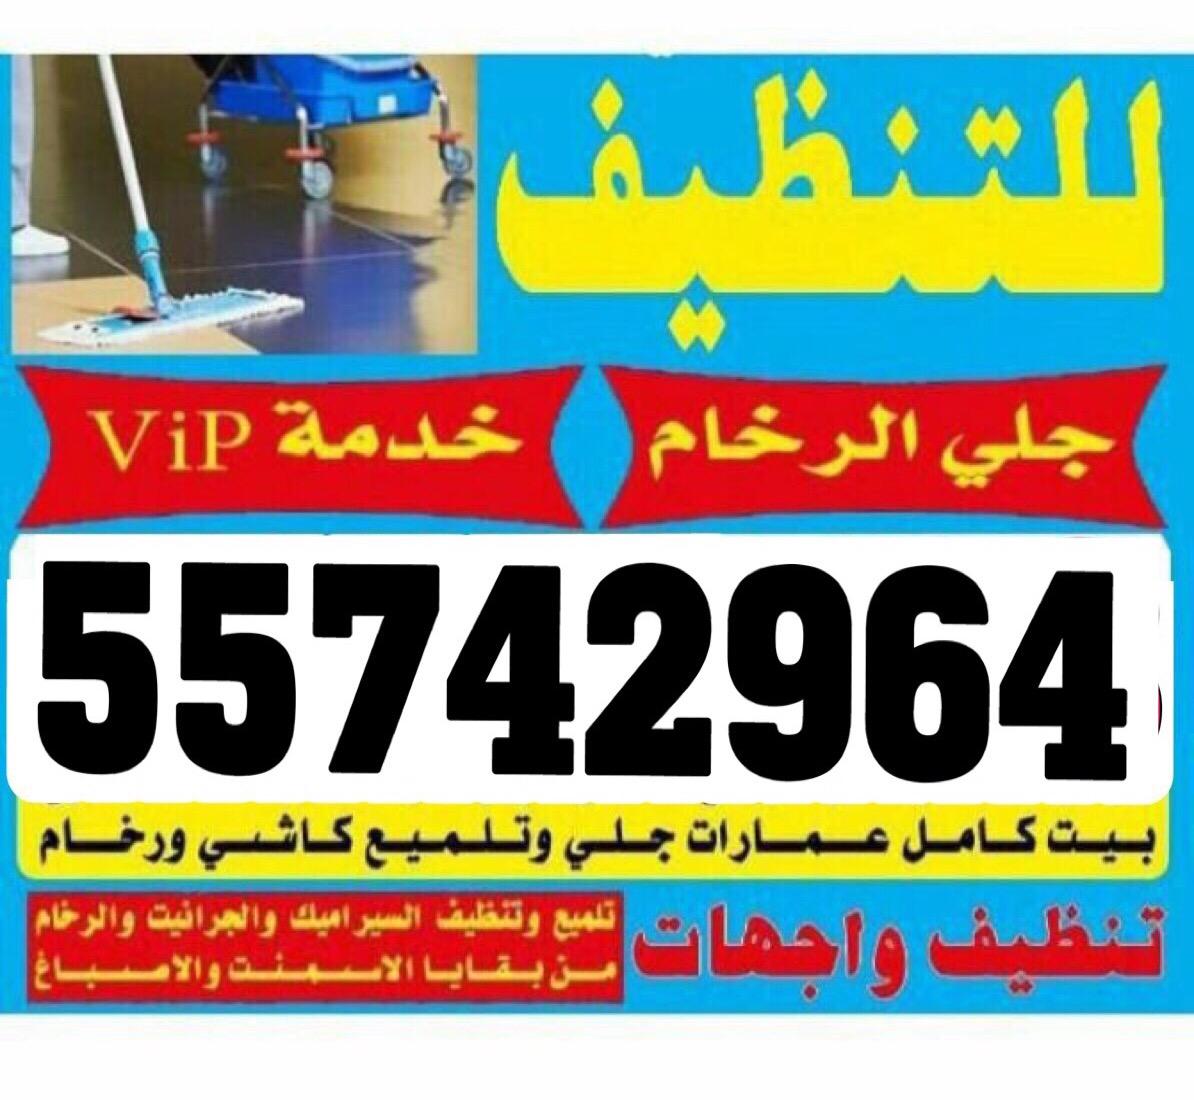 شركة تنظيف بالكويت 55742964